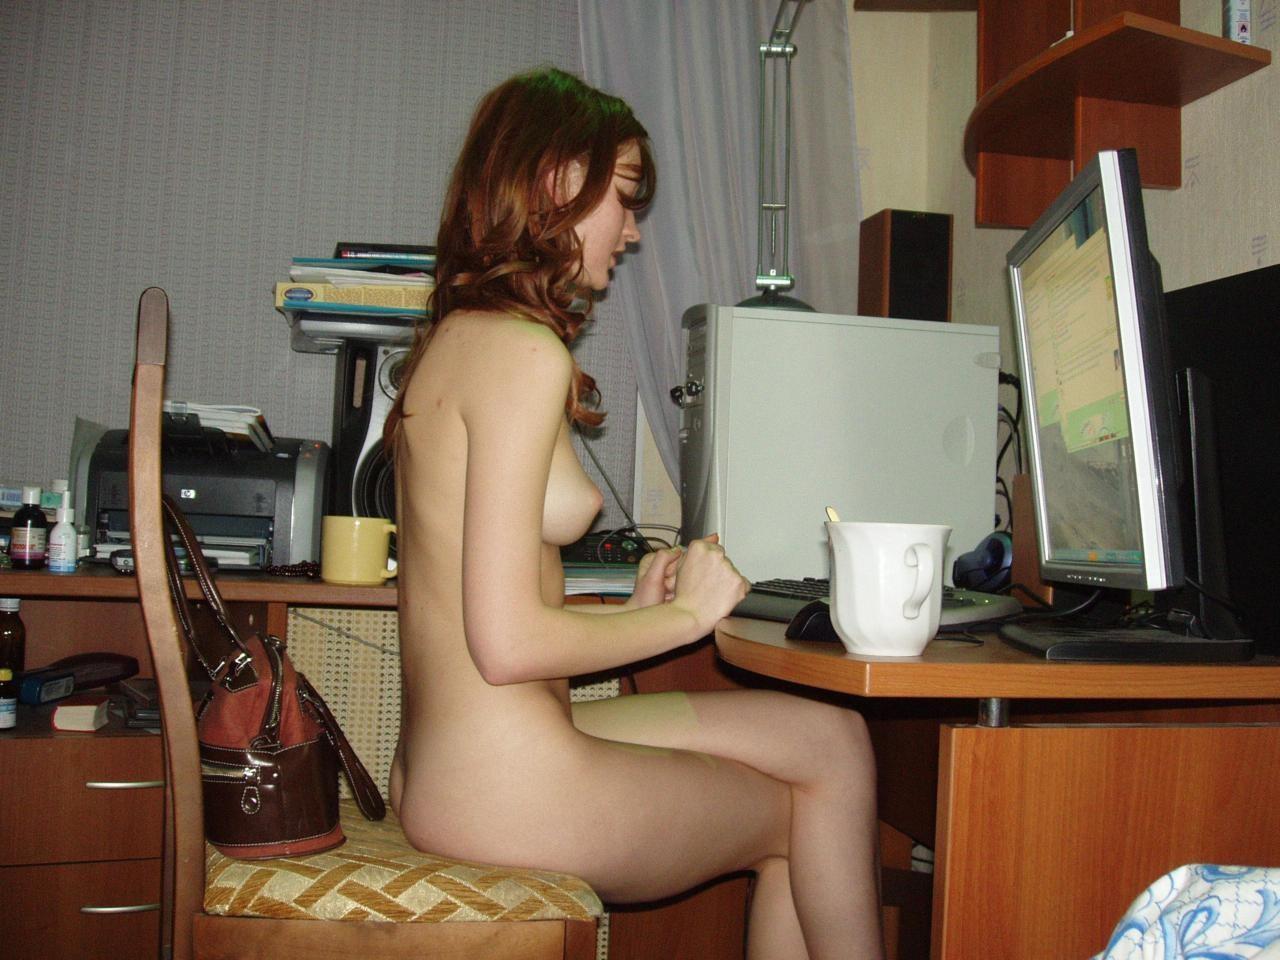 外国人 全裸 半裸 パソコン PC ヌード エロ画像